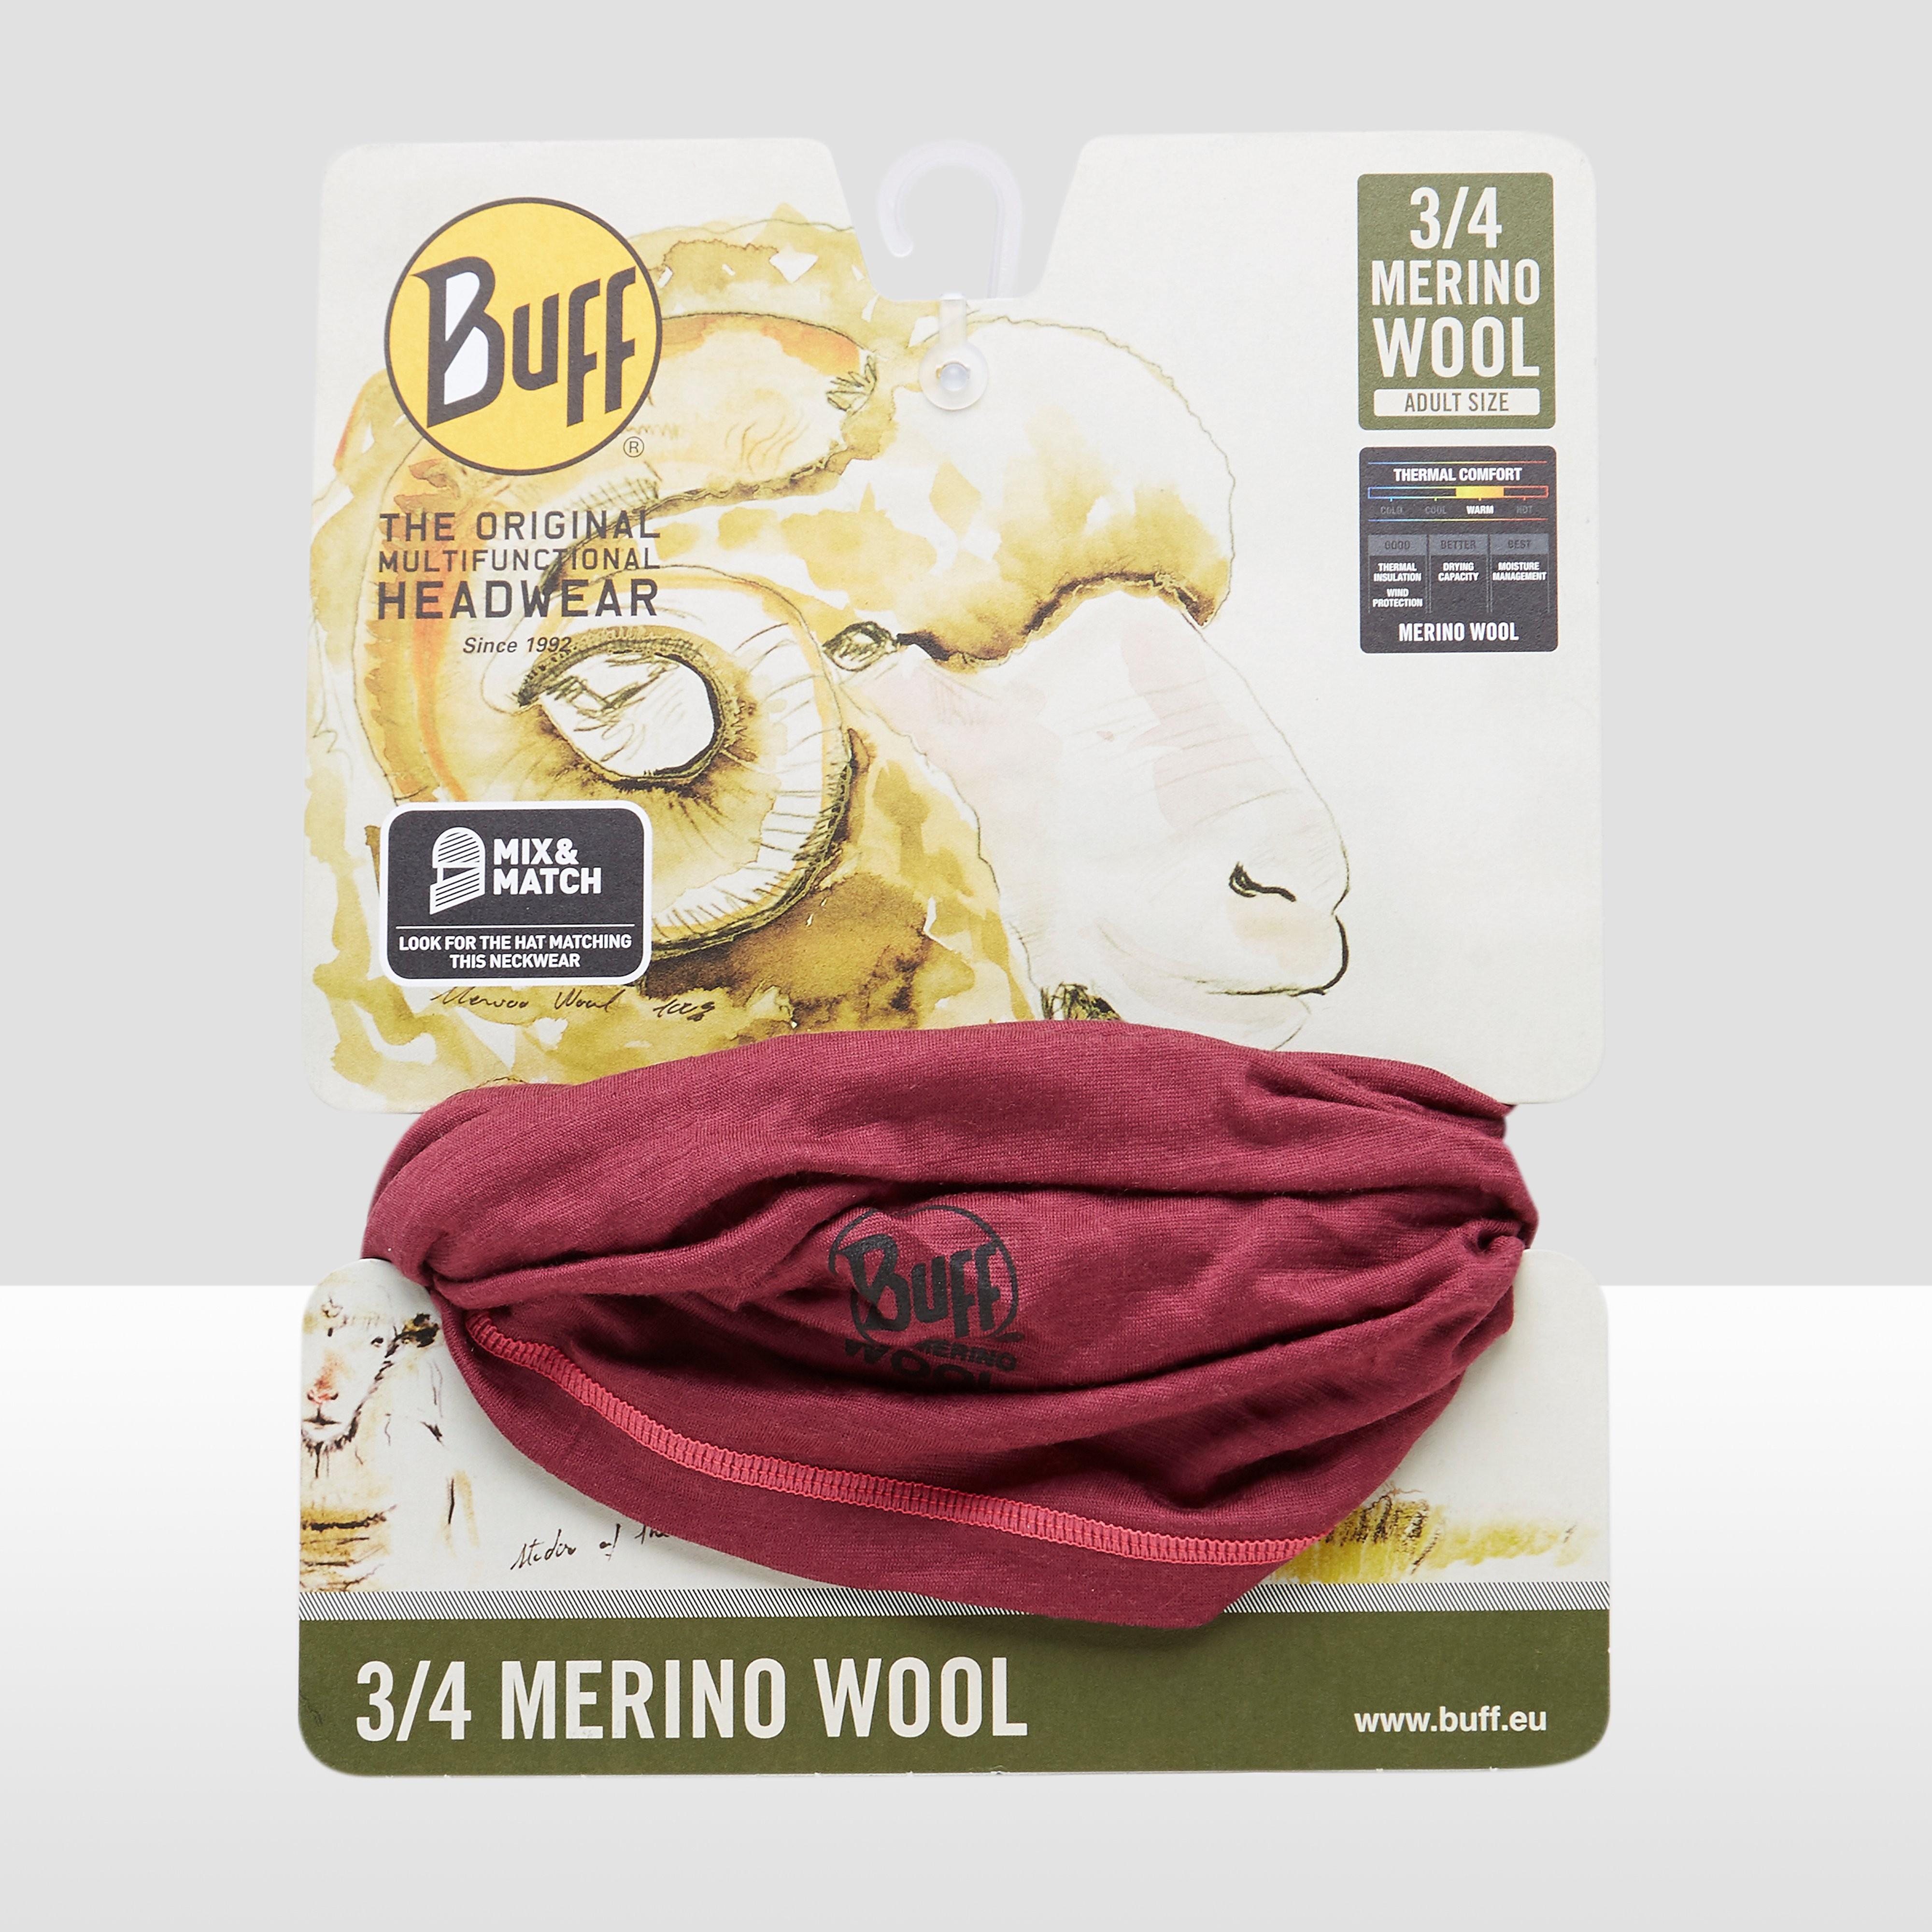 BUFF 3/4 MERINO WOOL BUFF